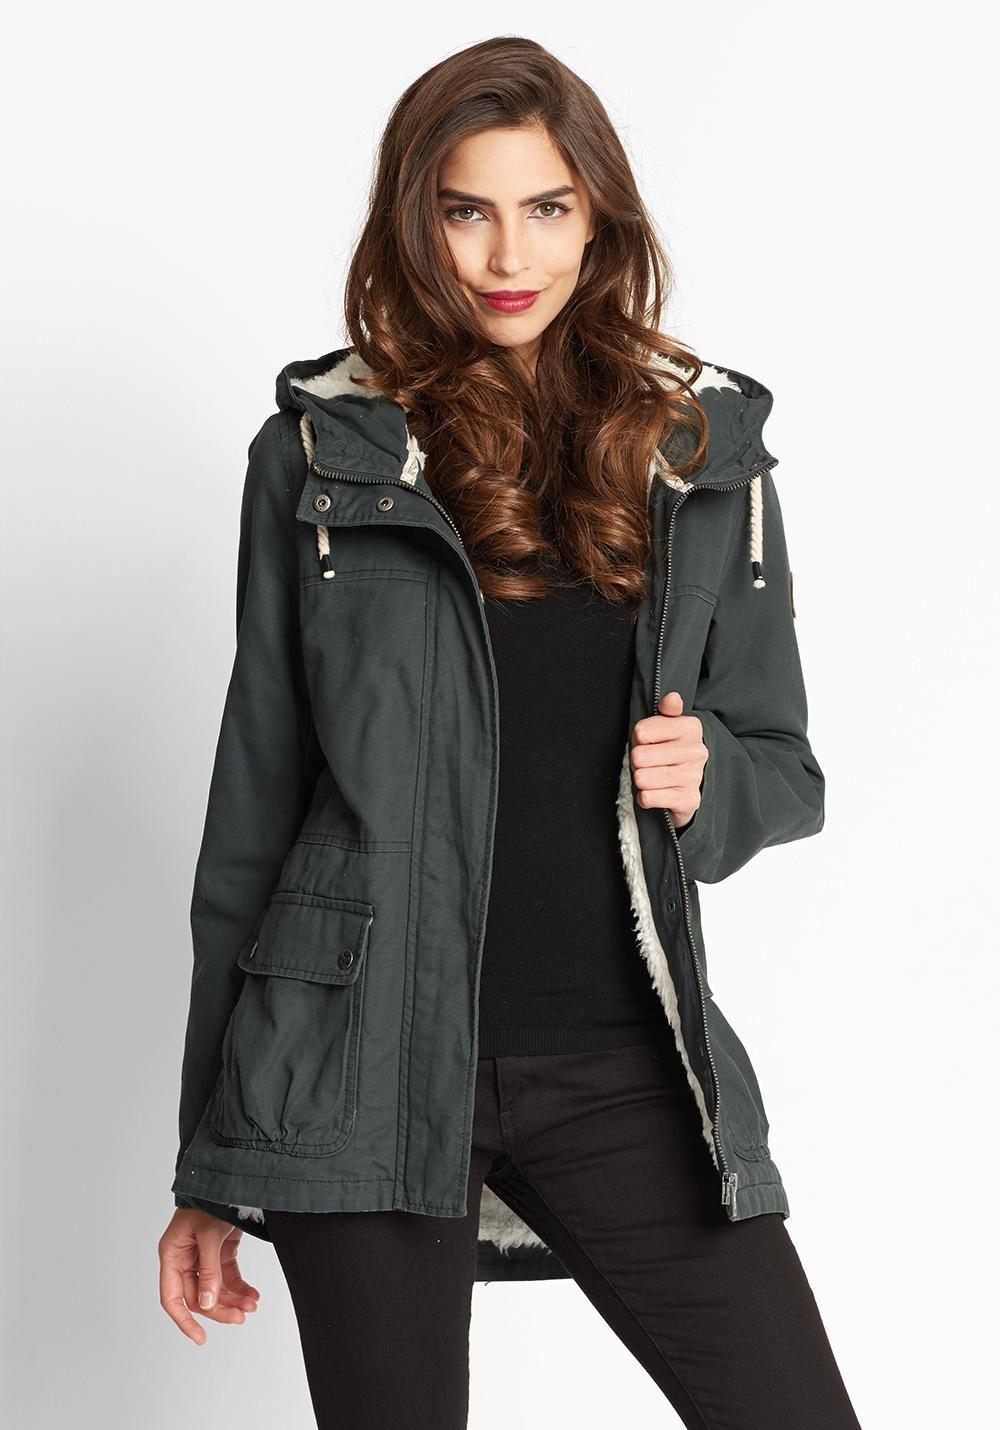 frontlineshop mit 30% Rabatt auf Damen Jacken und Mäntel und 20% Extra Rabatt auf alles!